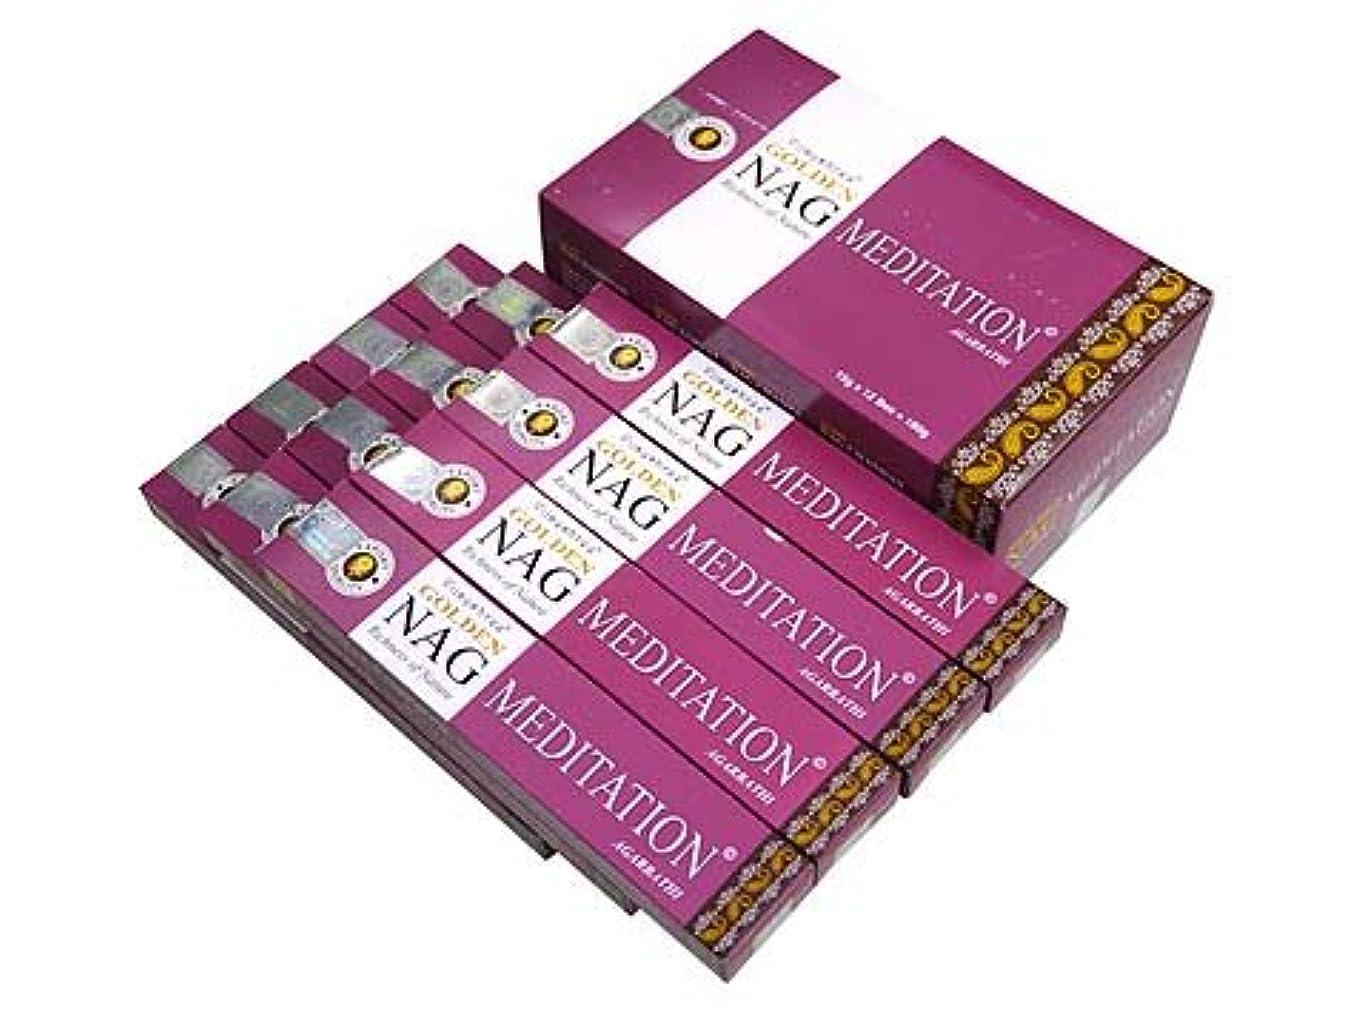 メンタリティロードブロッキング荒涼としたVIJAYSHRE(ヴィジェイシリー ゴールデン) NAG MEDITATION ゴールデン ナグメディテーション香 スティック 12箱セット